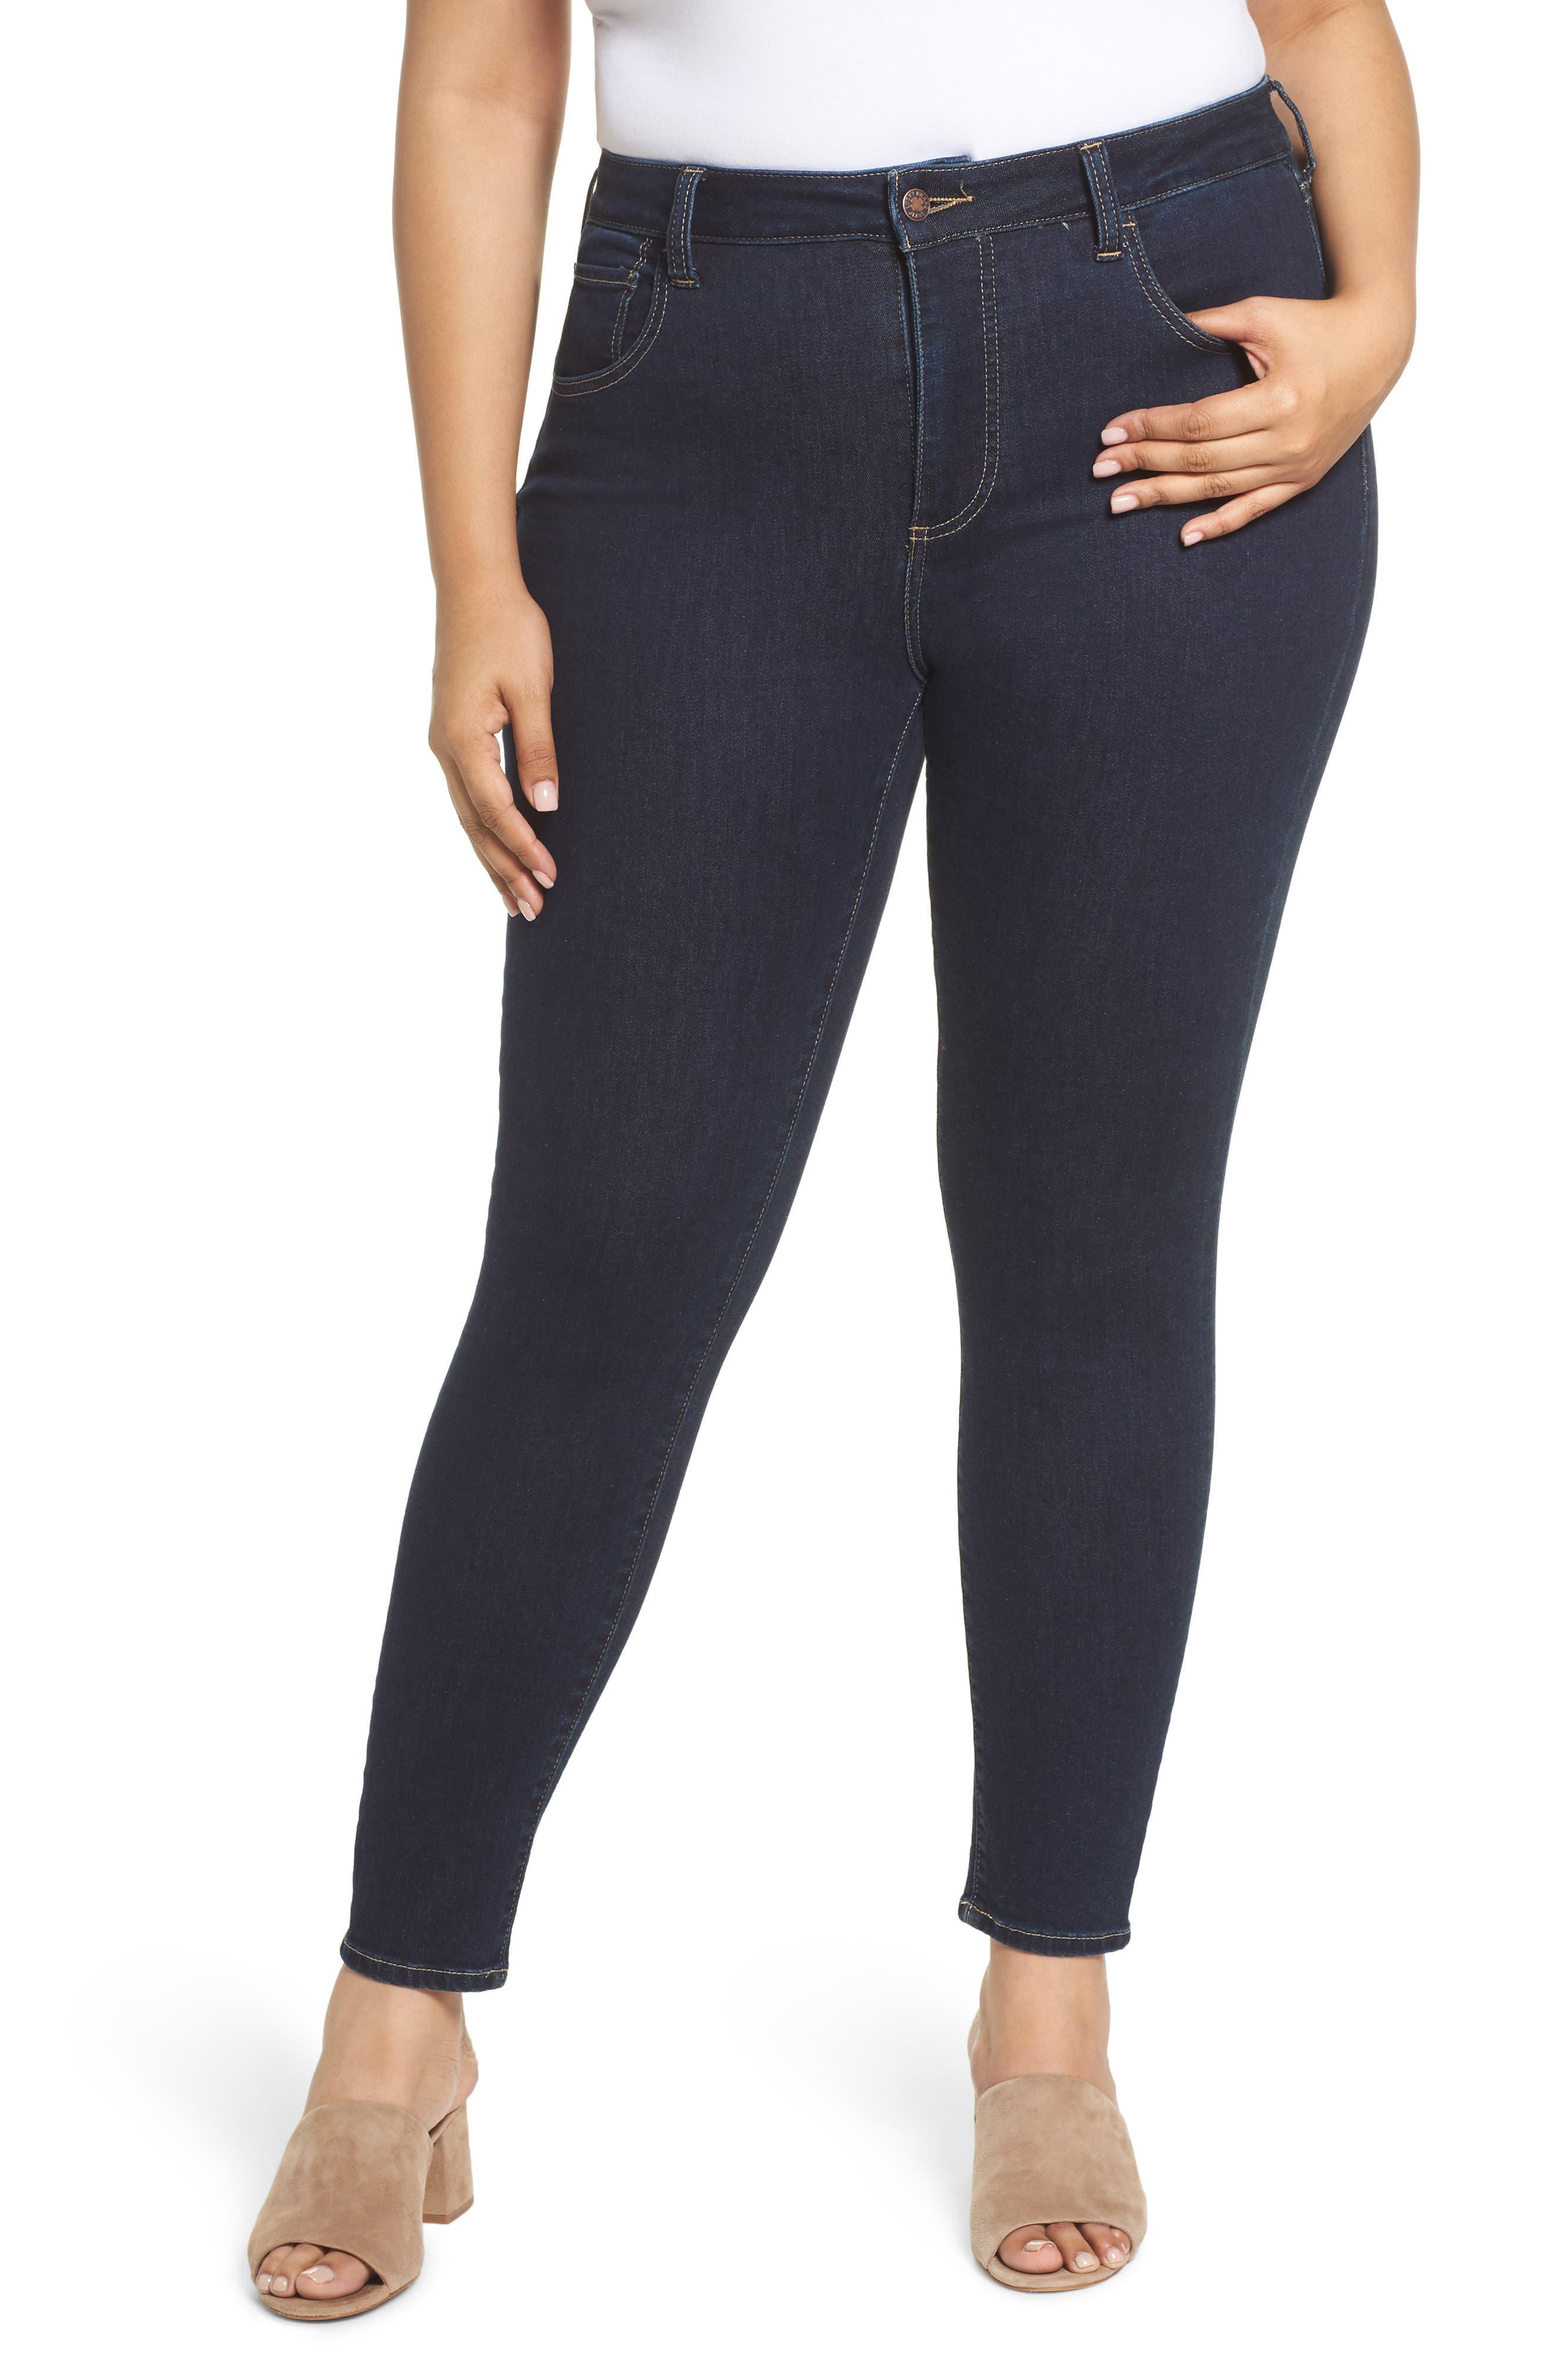 Main Image - Lucky Brand Emma Legging Jeans (Breaker) (Plus Size)